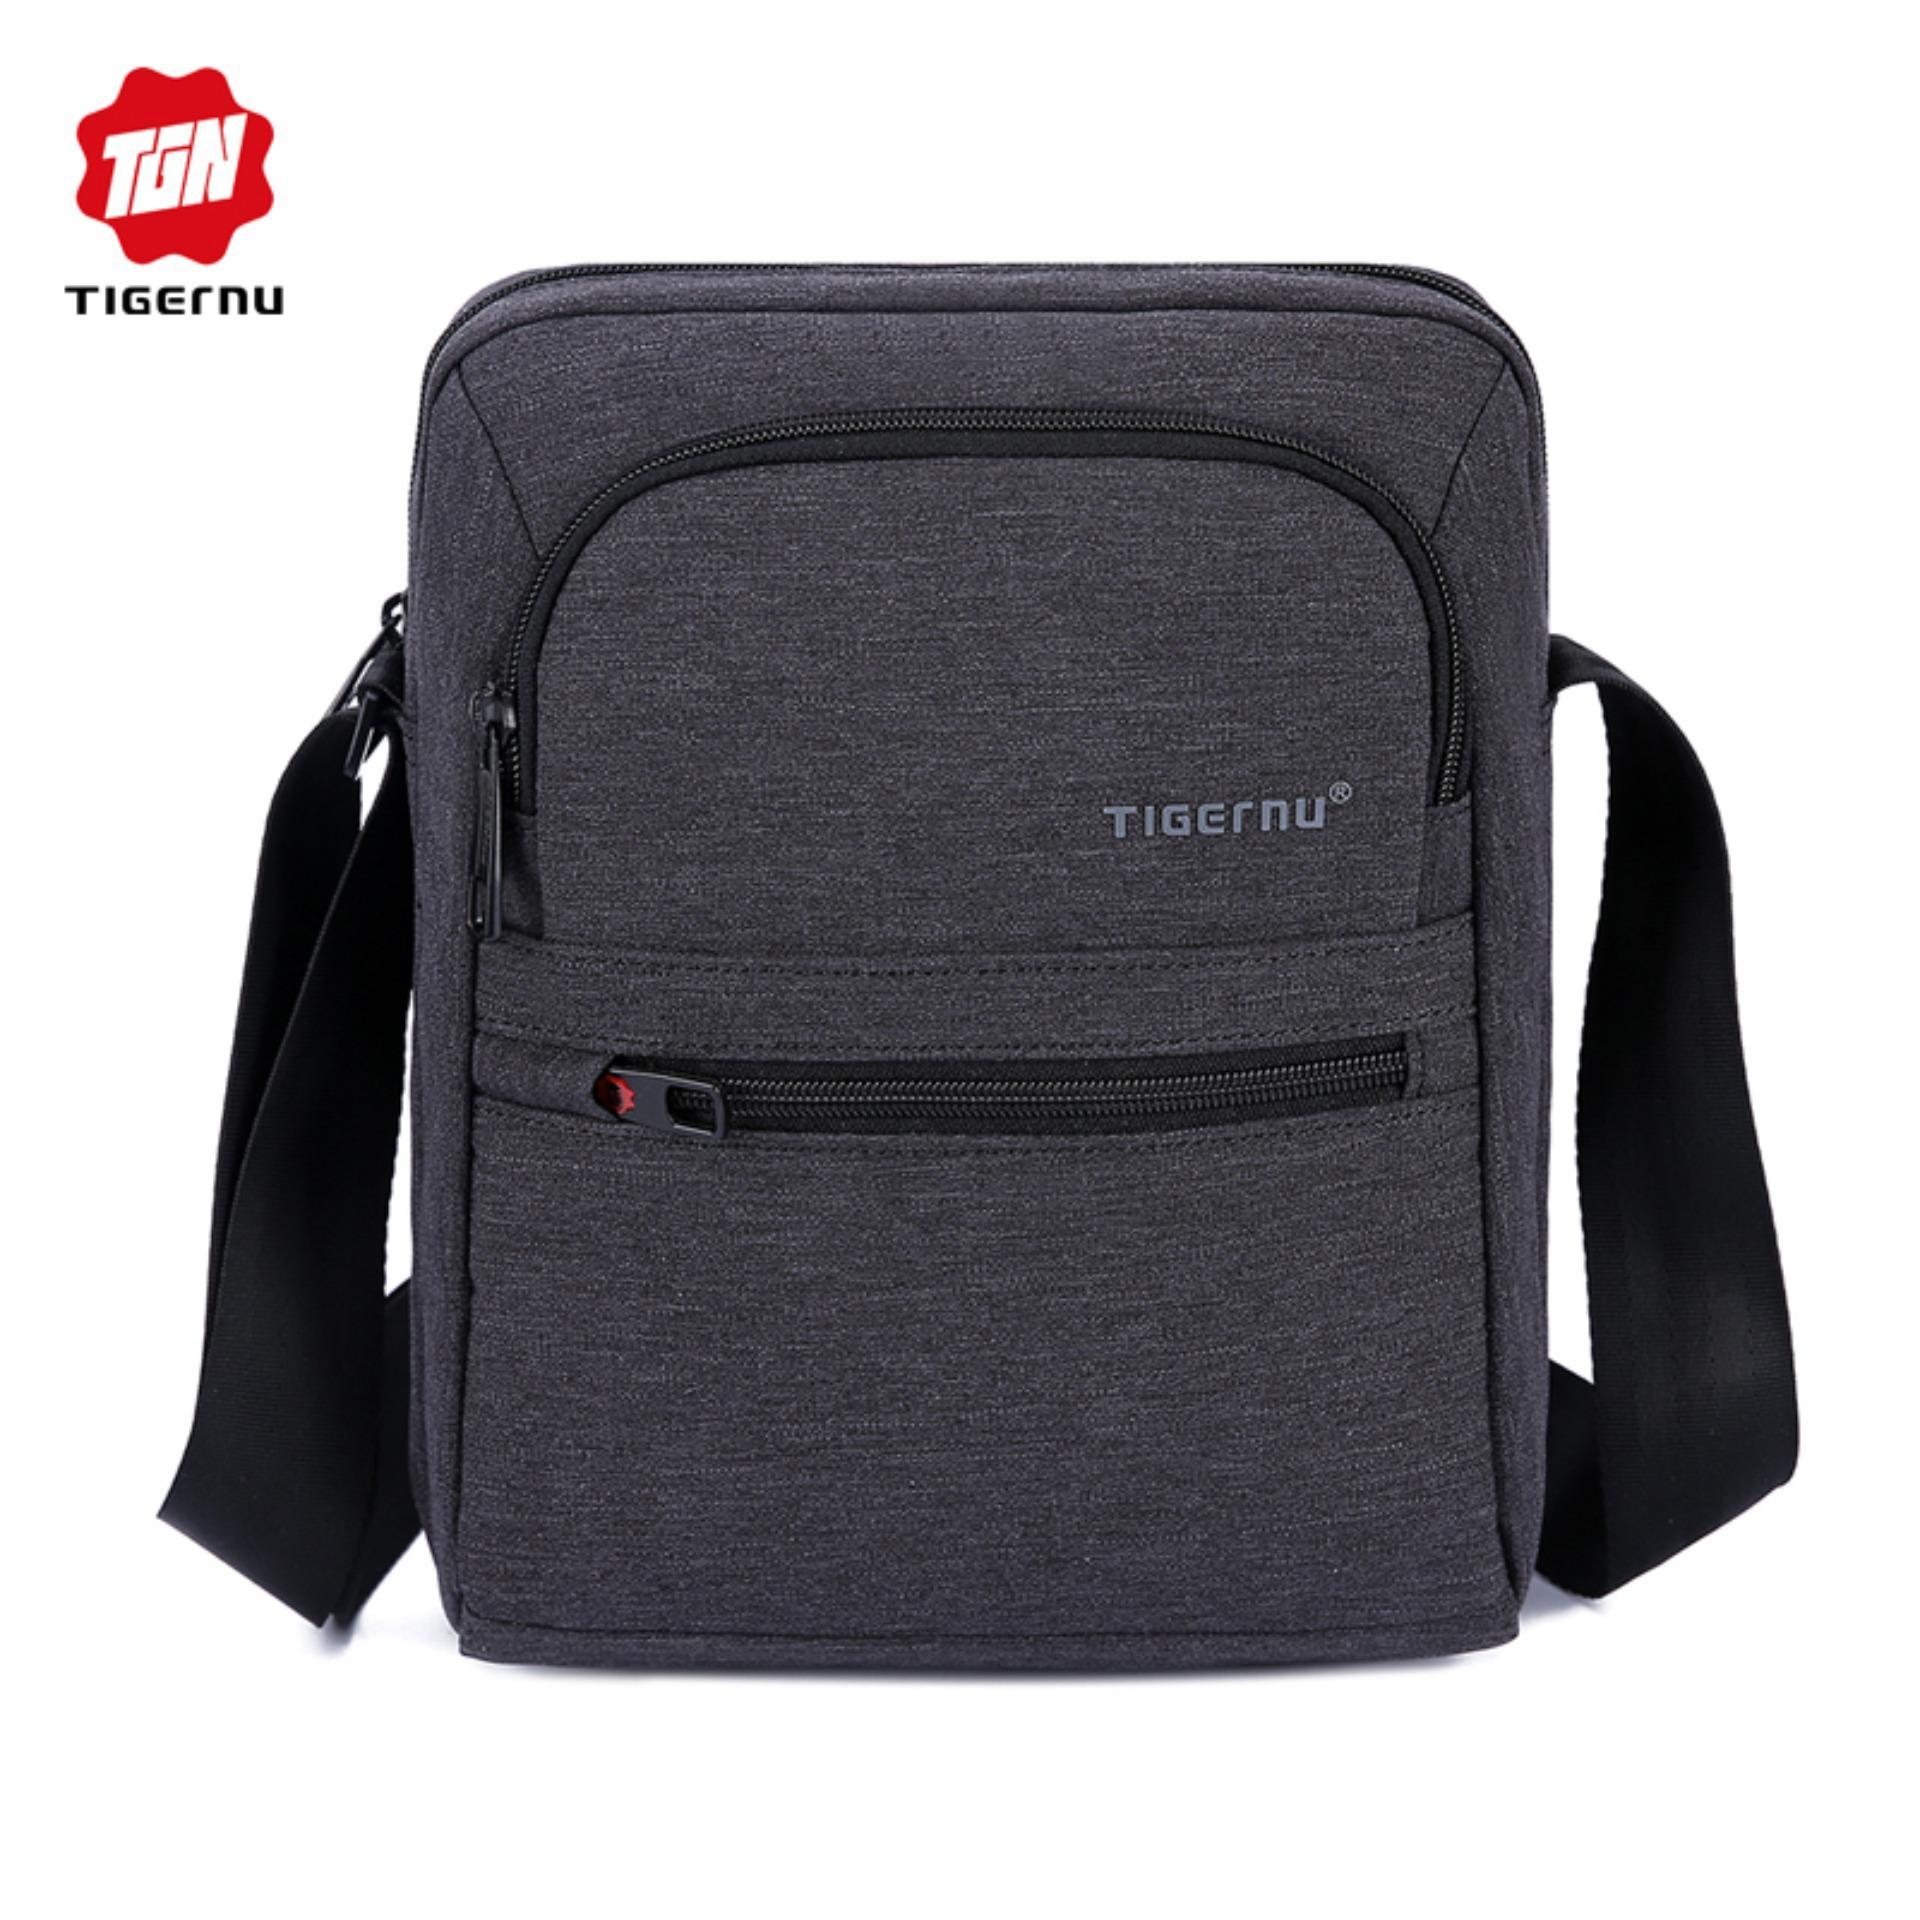 be4309faa Tigernu Men 's Splash proof Messenger BagTravel Shoulder Bag T-L5105(Black  Grey